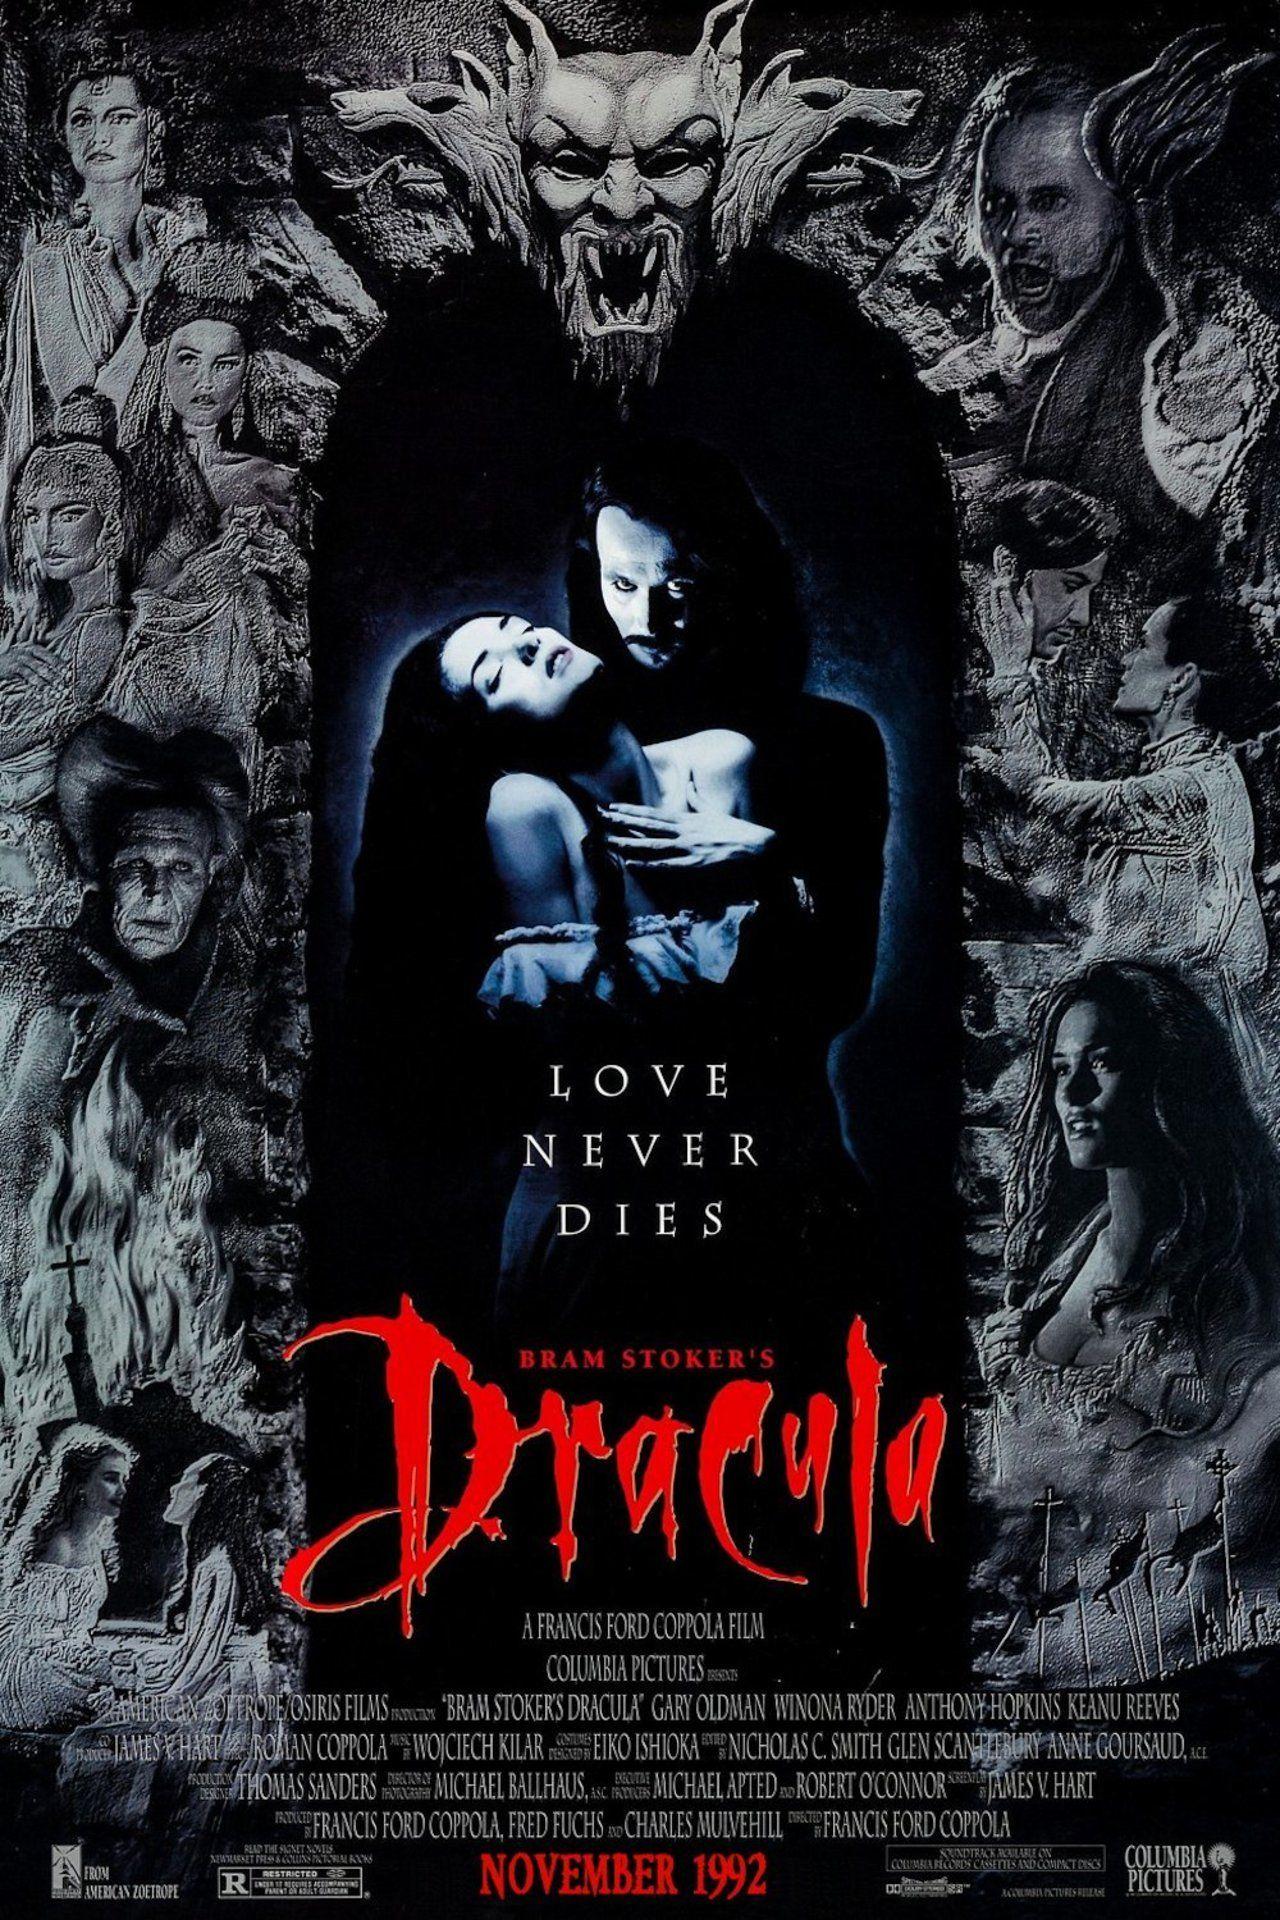 Dracula De Bram Stoker Hd Movies Movies Free Movie Film Movies Online